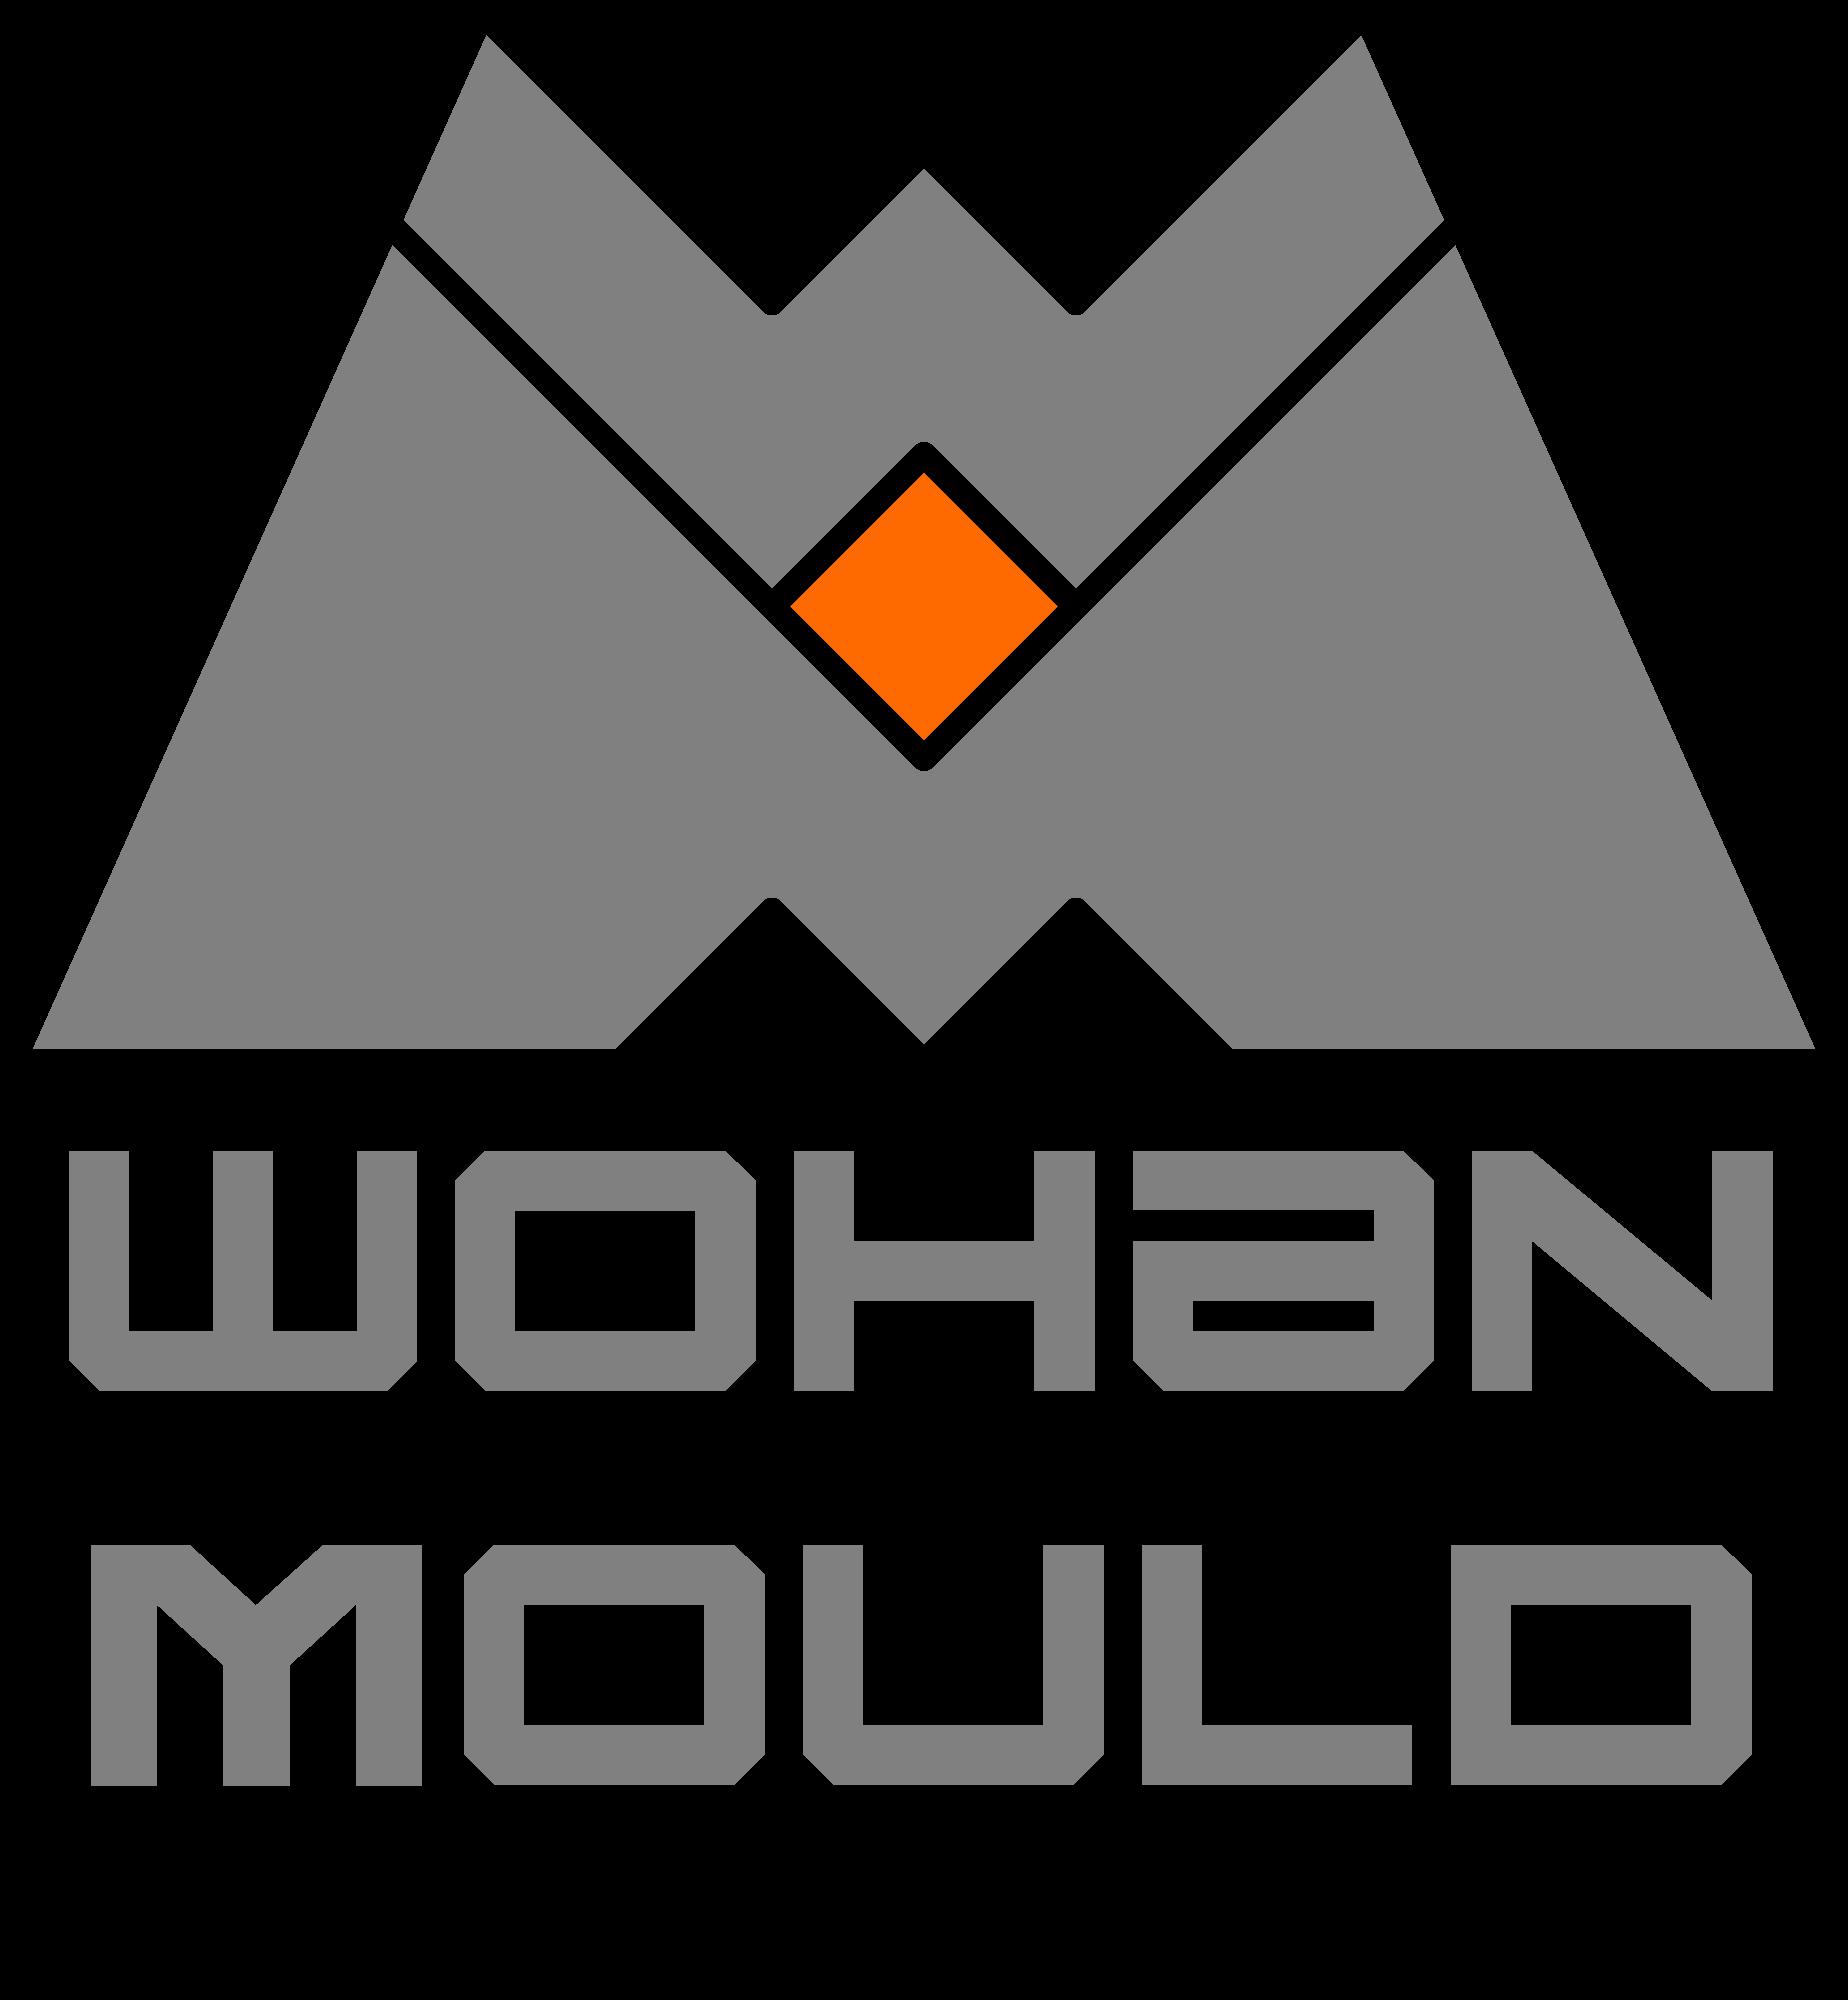 Создать логотип для фабрики пресс-форм фото f_3795996d26554a05.png